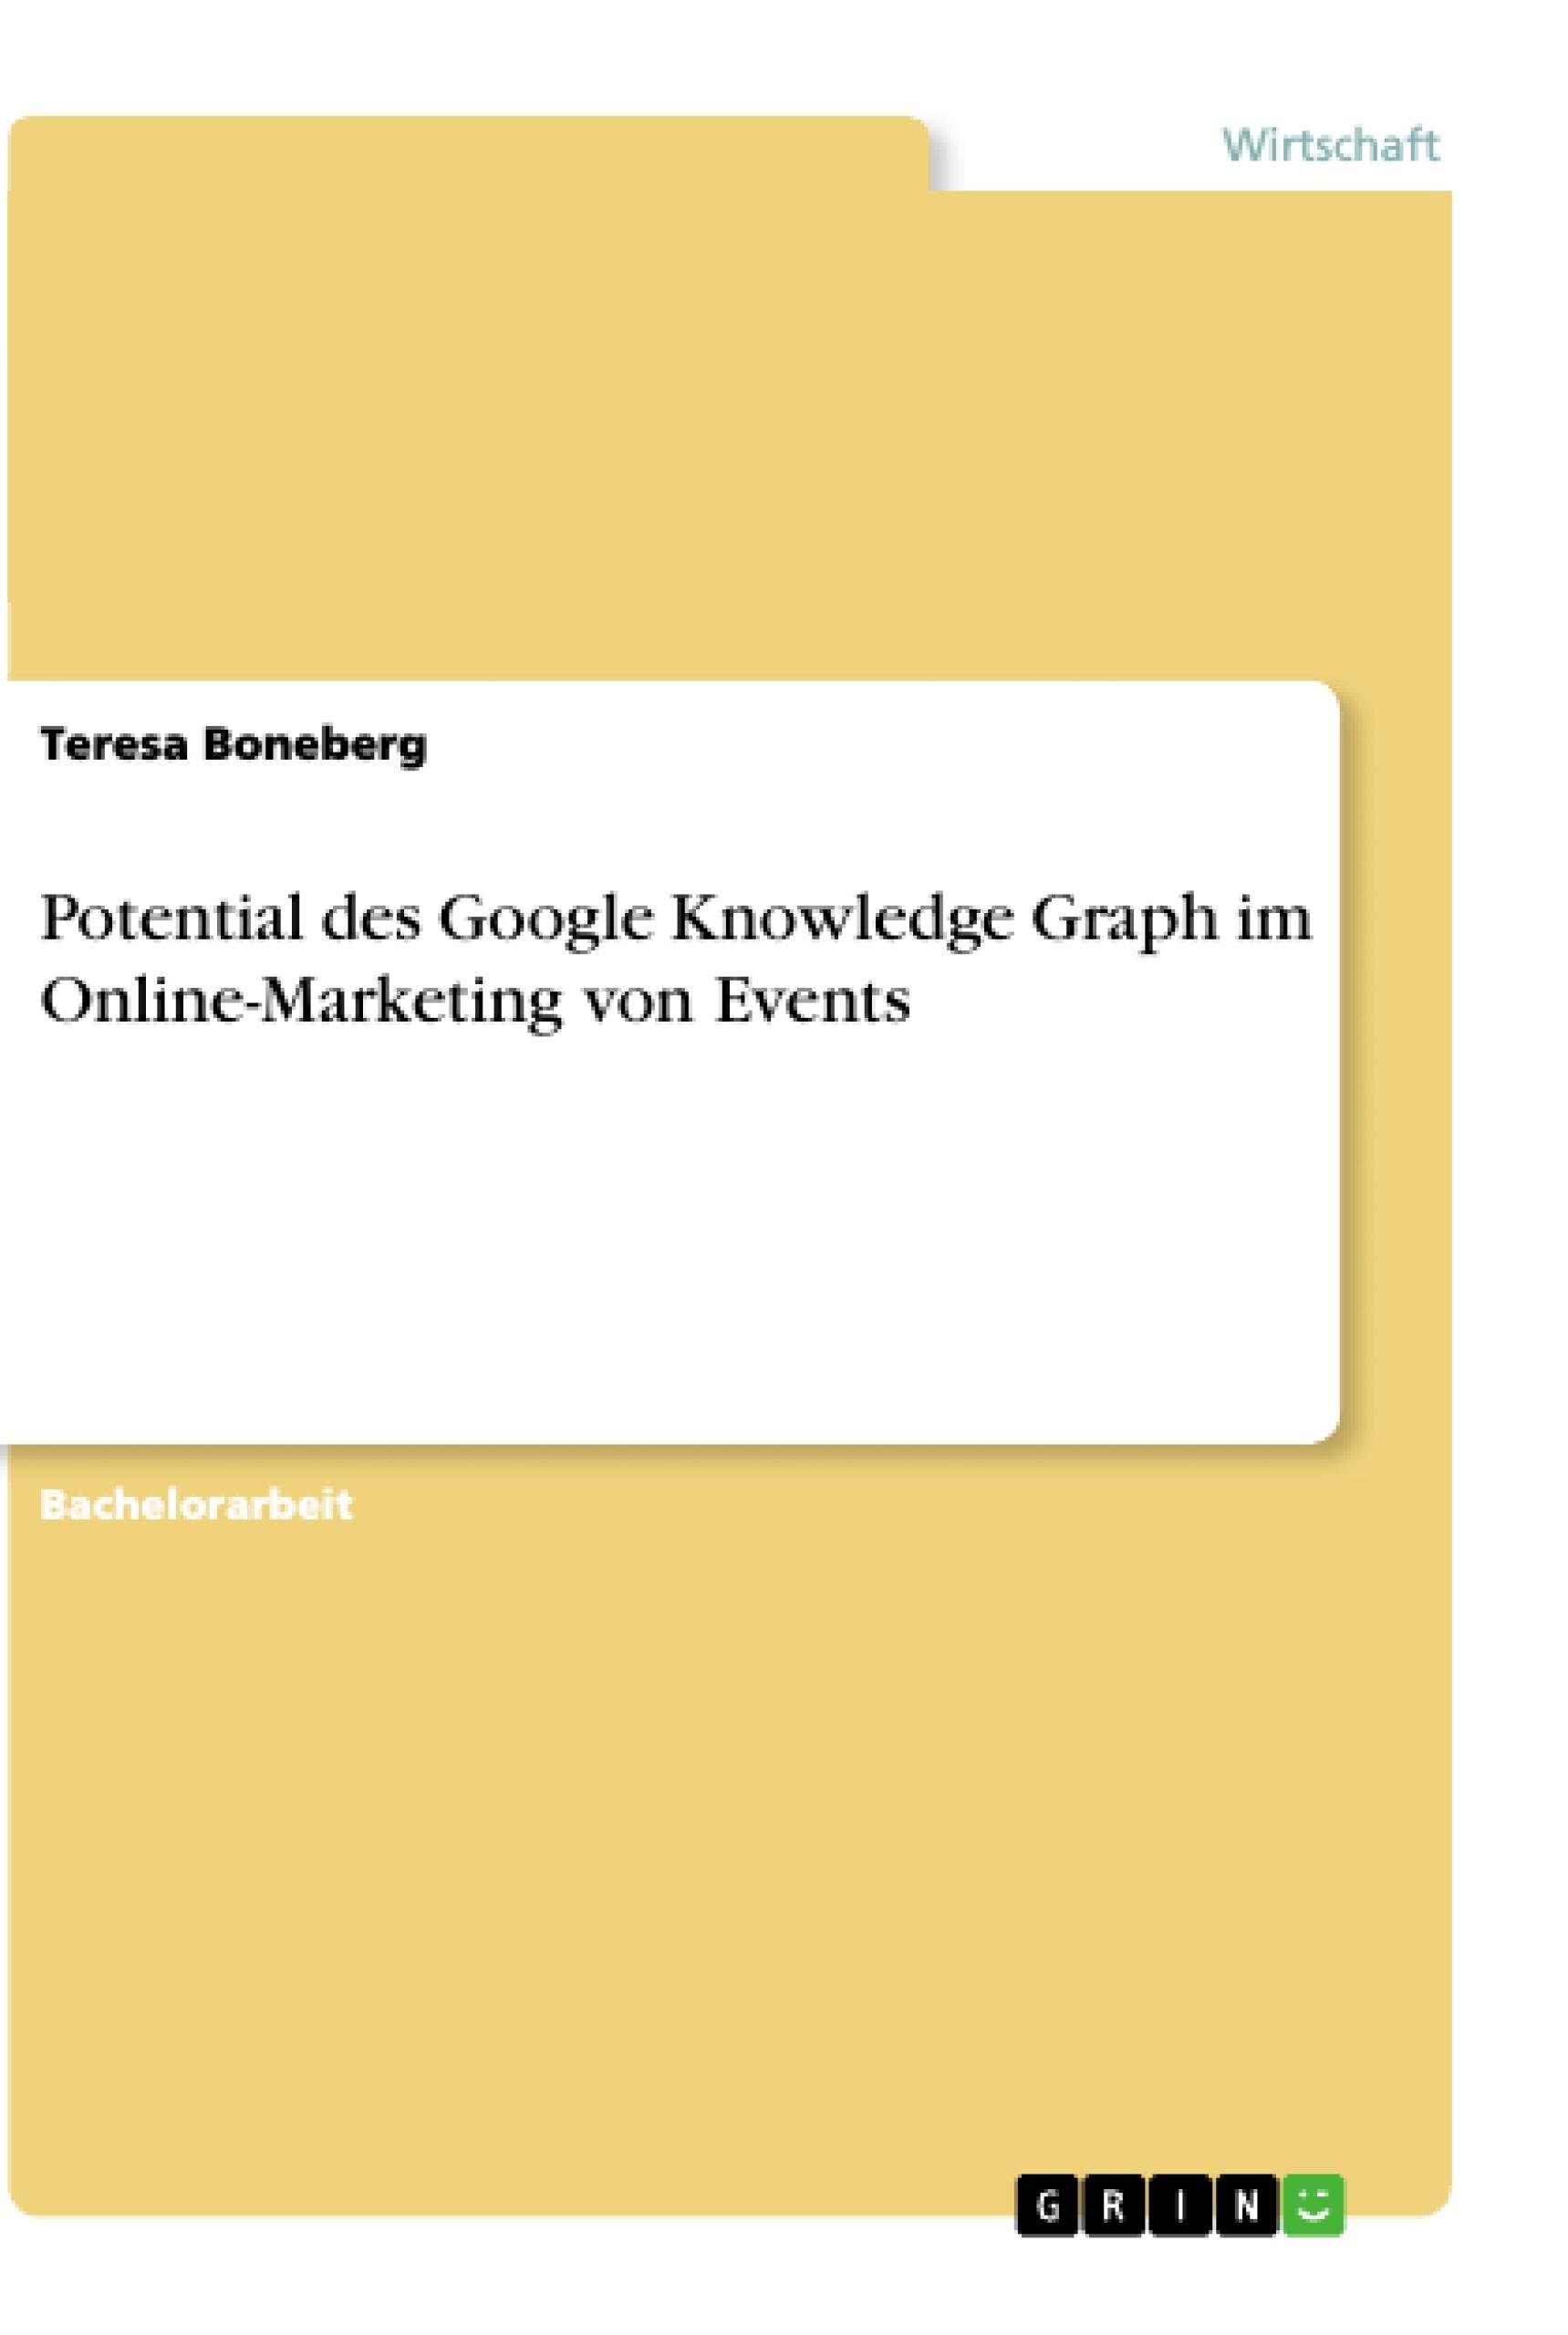 Titel: Potential des Google Knowledge Graph im Online-Marketing von Events